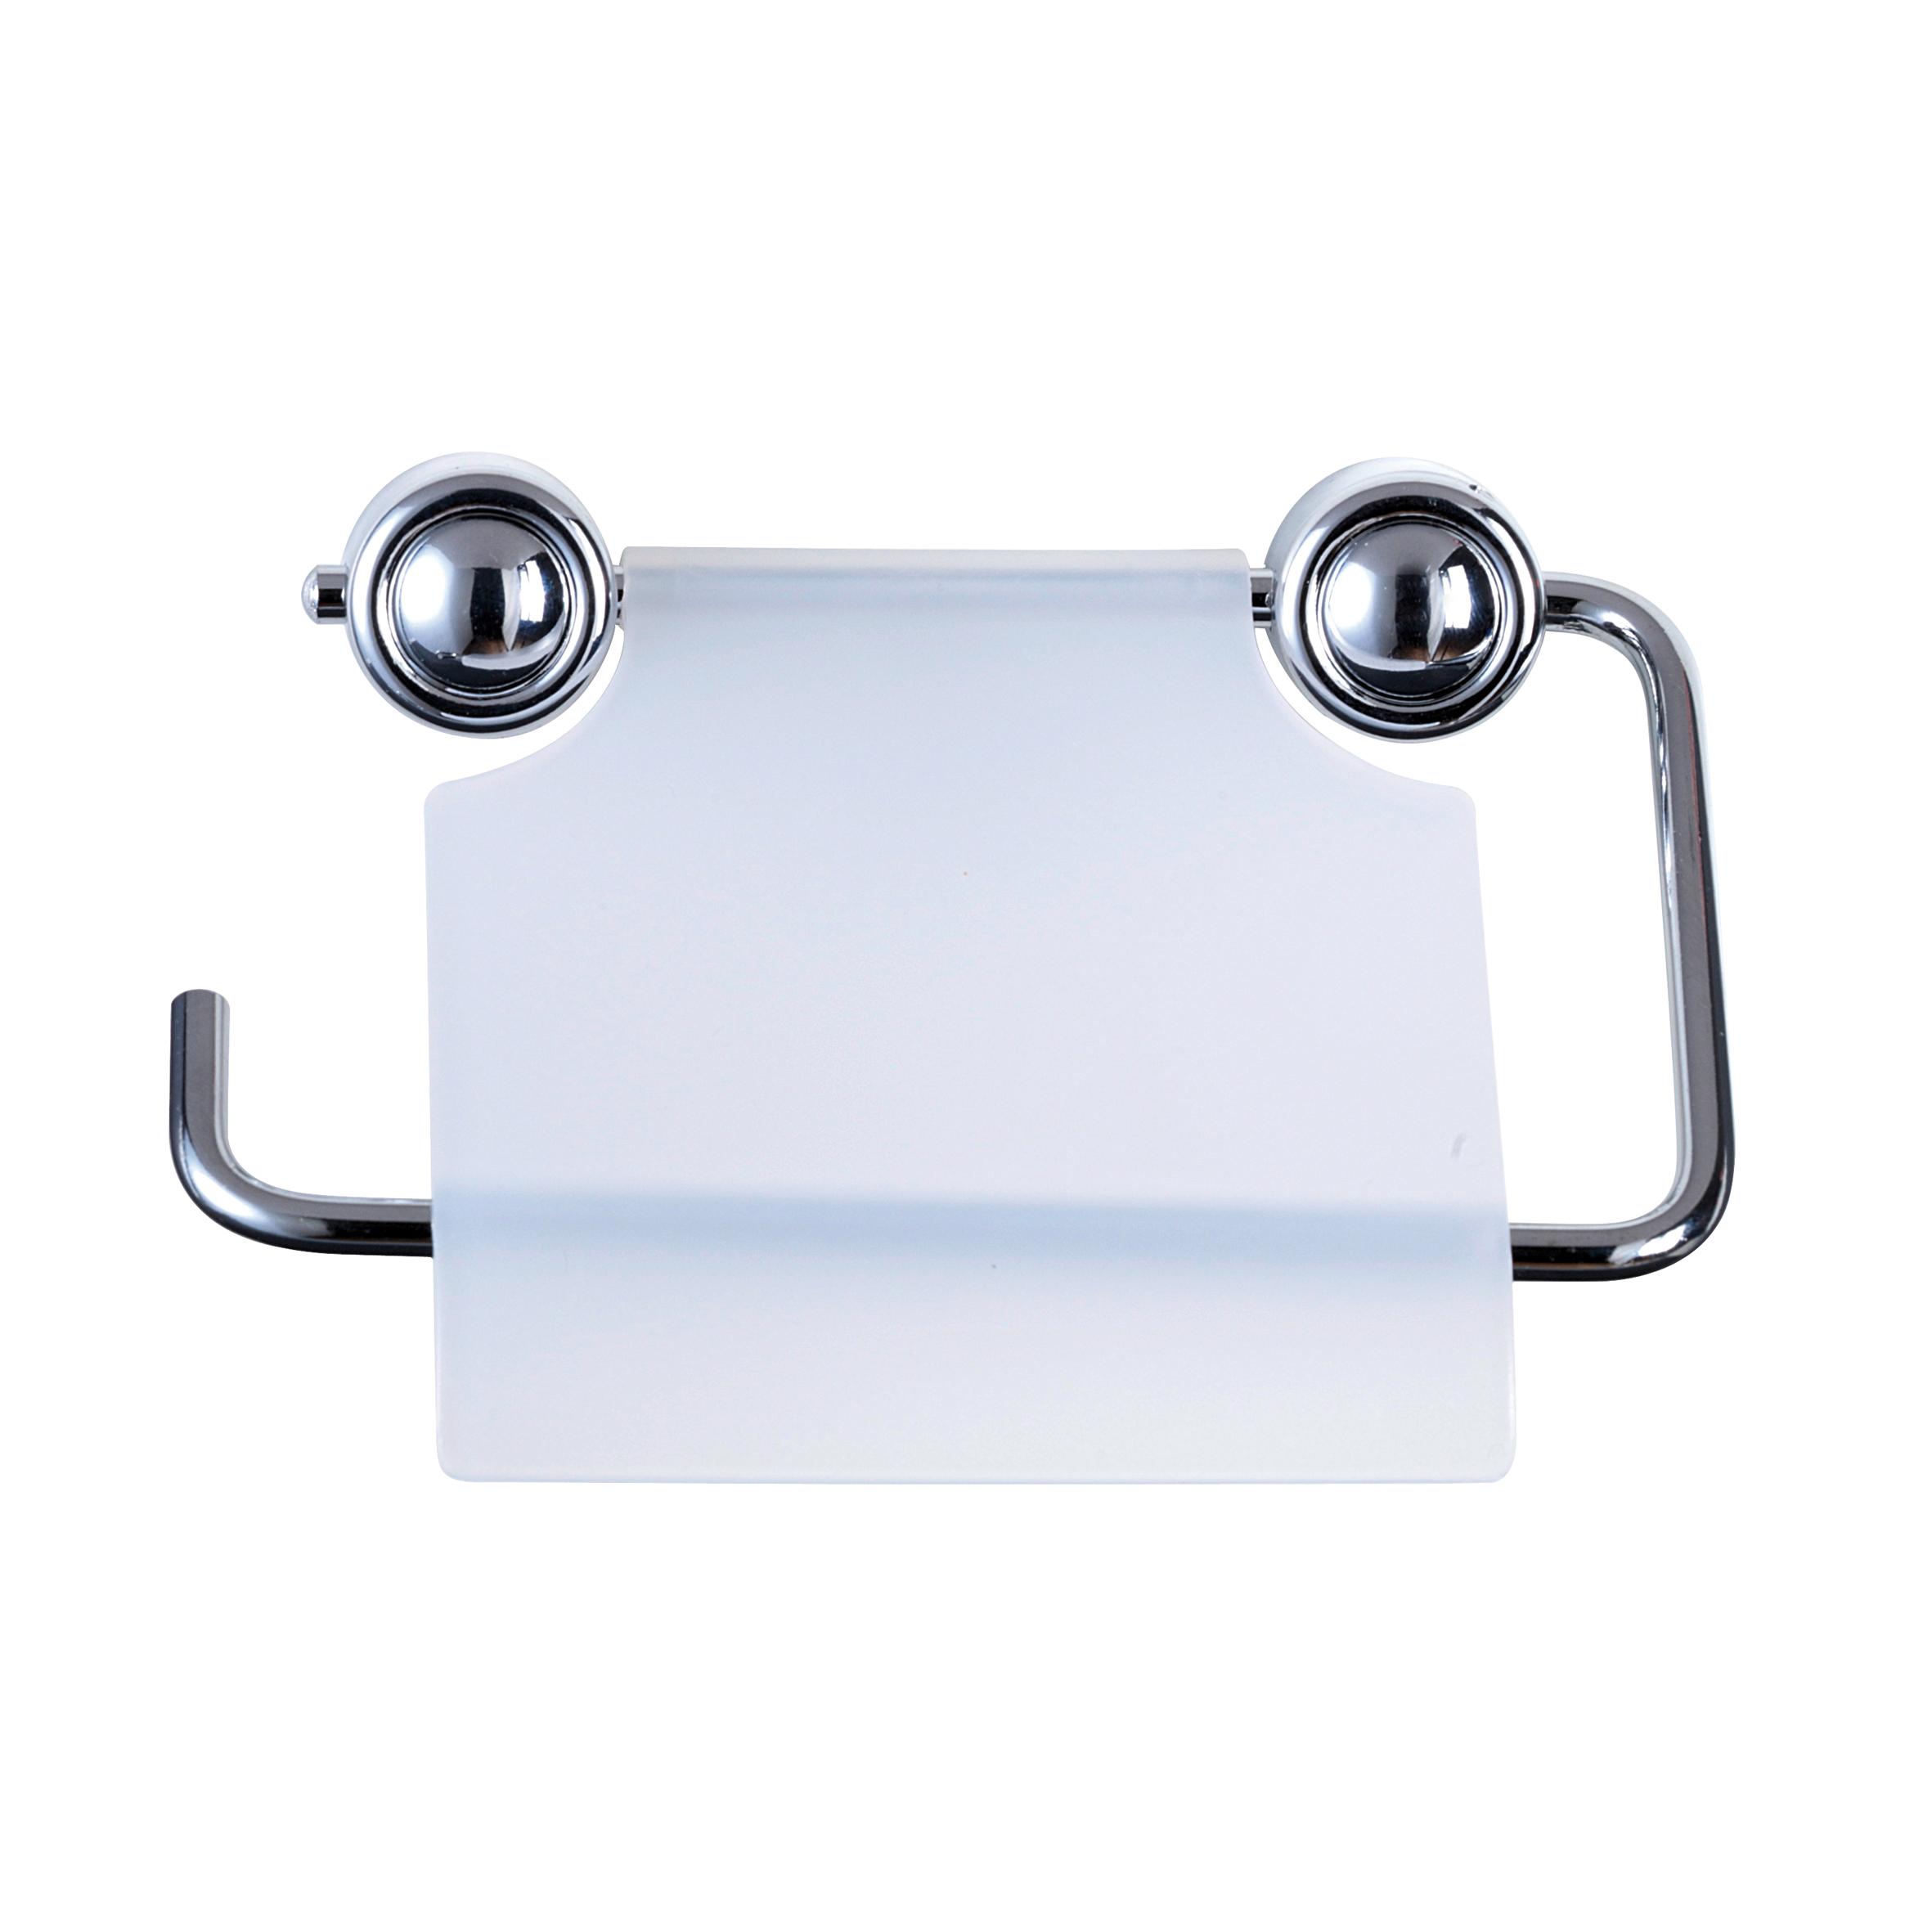 Держатель для туалетной бумаги Axentia Atlantik, с крышкой, 13 х 10 х 13,3. 280030280030Держатель для туалетной бумаги Axentia Atlantik, выполненный из высококачественной хромированной стали, оснащен пластиковой крышкой. Изделие крепится на стену с помощью шурупов (входят в комплект). Держатель поможет оформить интерьер в выбранном стиле, разбавляя пространство туалетной комнаты различными элементами. Он хорошо впишется в любой интерьер, придавая ему черты современности. Отлично сочетается с другими аксессуарами из коллекции Atlantik. Размер держателя: 13 х 10 х 13,3 см.